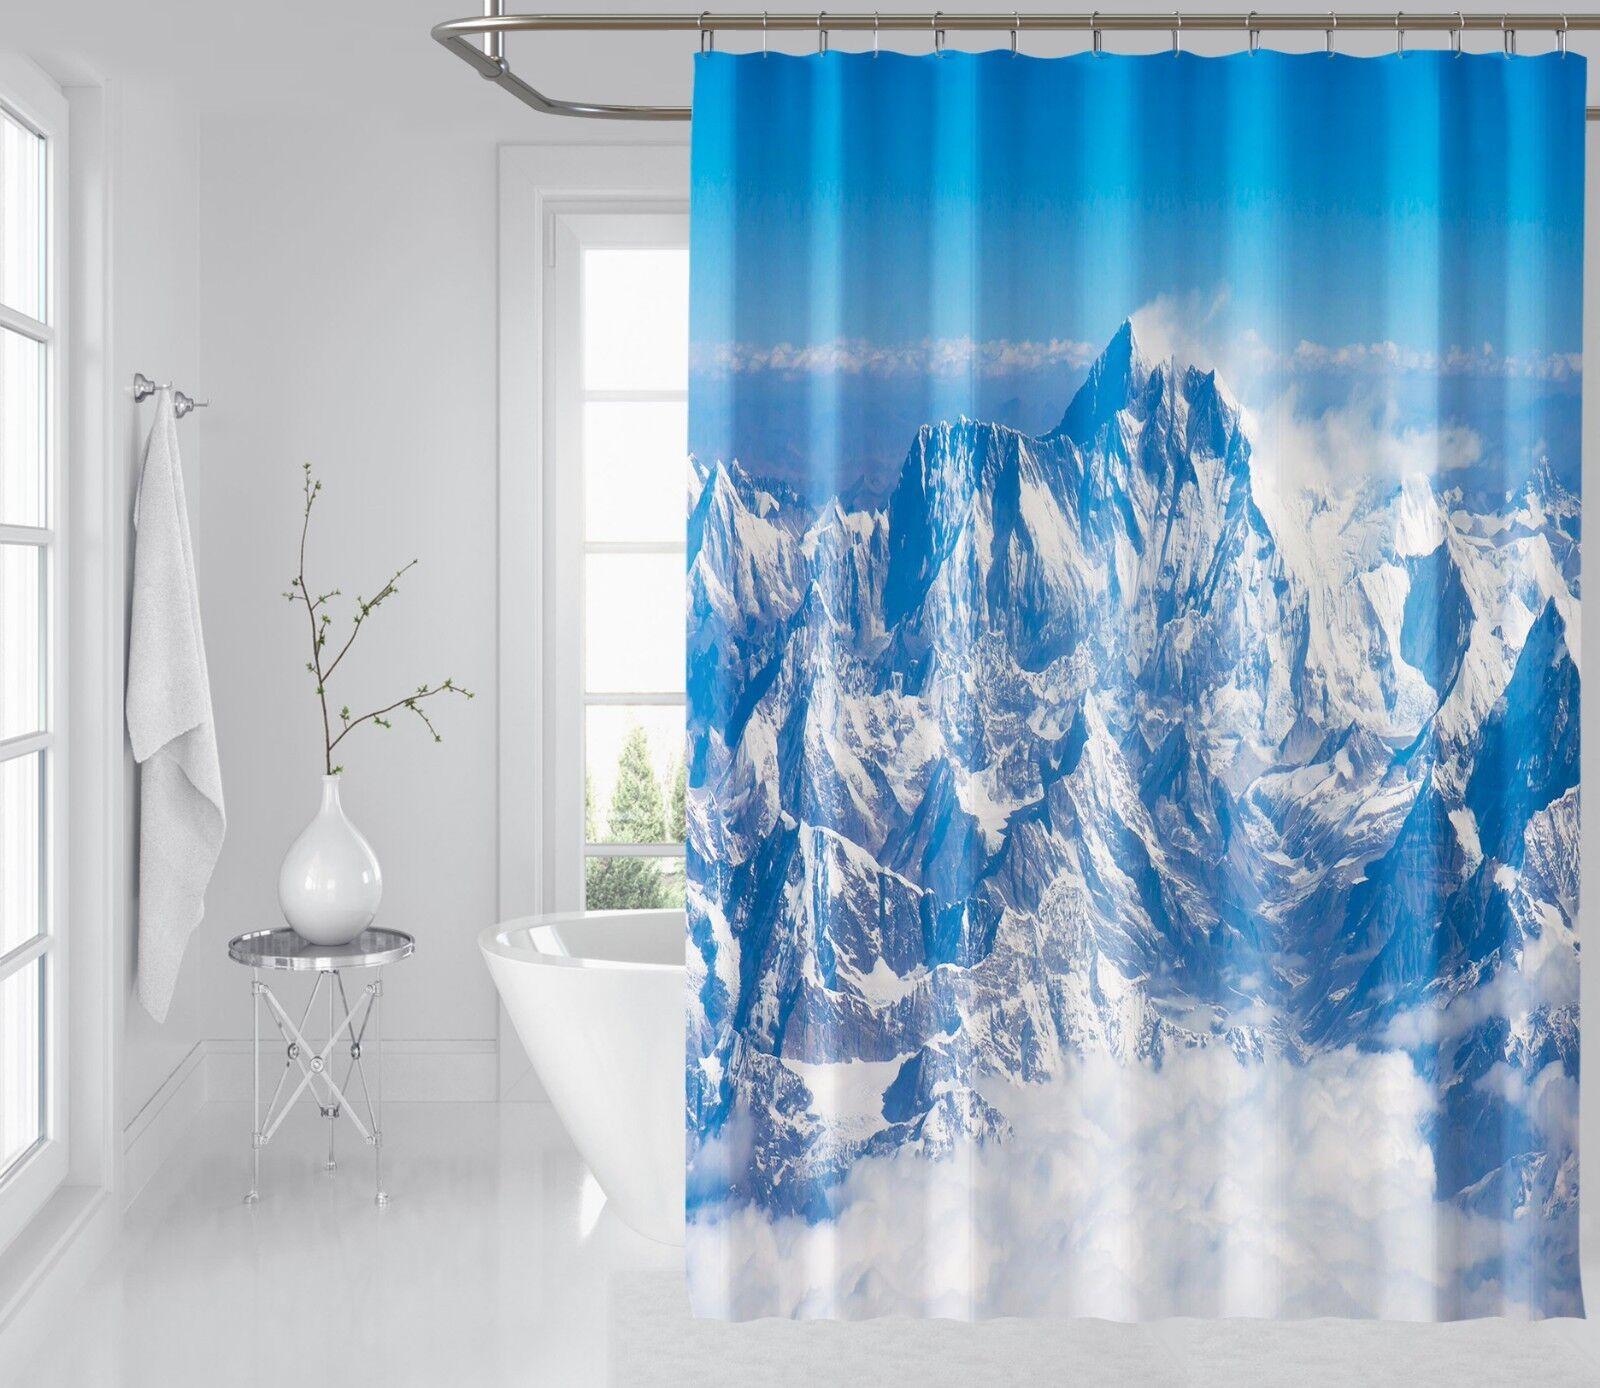 3D Schnee Berg 8 Duschvorhang Wasserdicht Faser Bad Daheim Windows Toilette DE | Niedriger Preis und gute Qualität